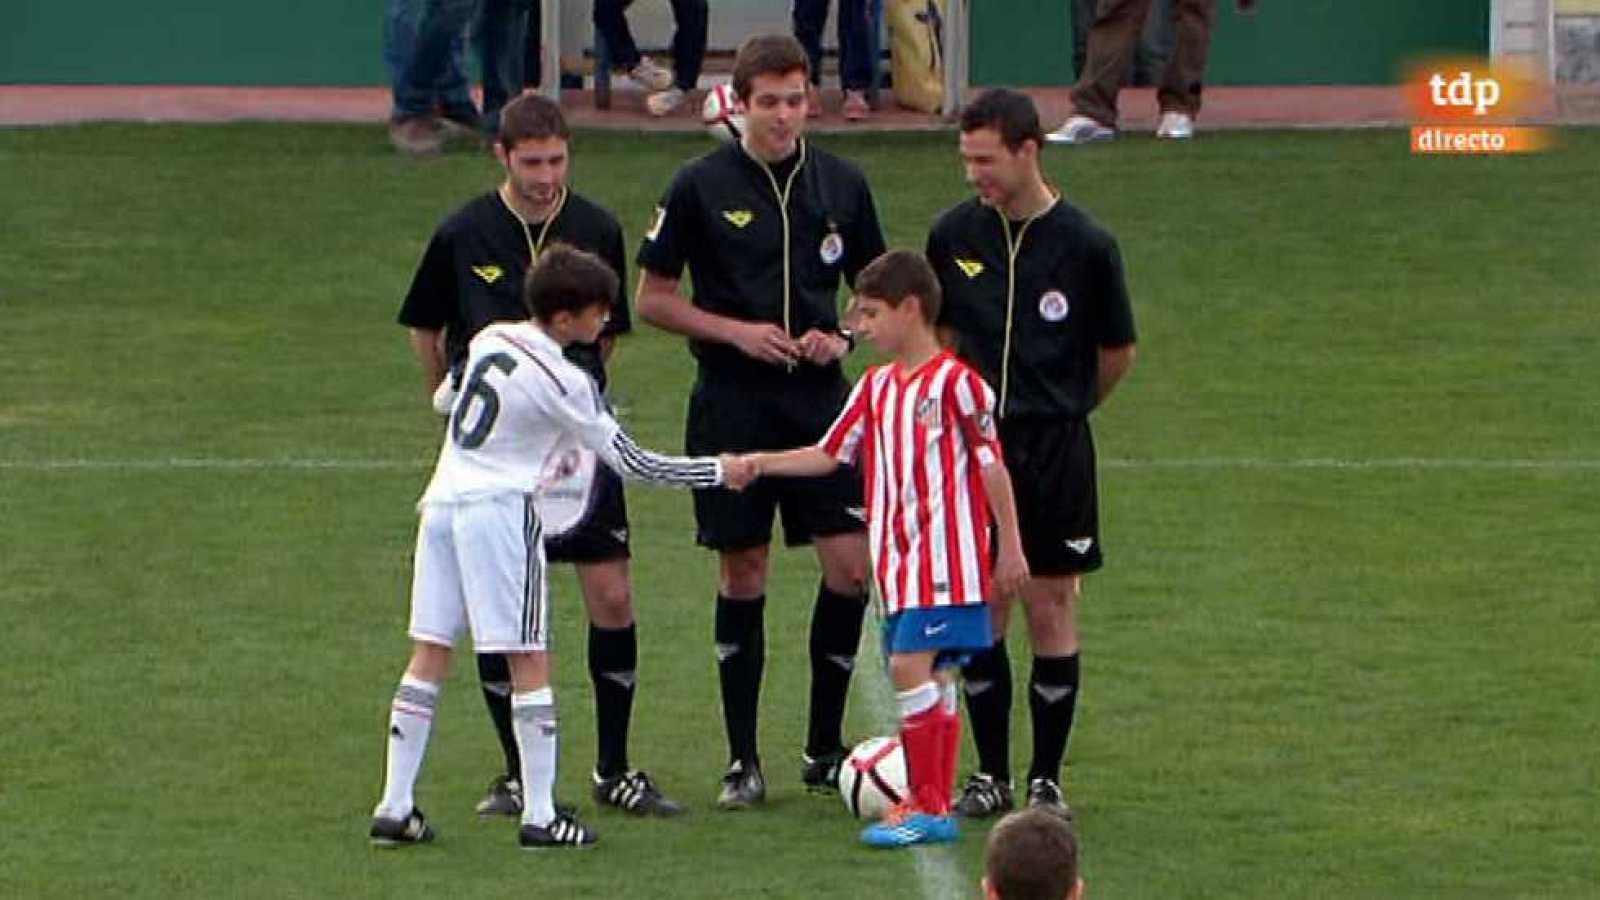 Para todos los públicos Fútbol - Iscar Cup - Final  Atlético de Madrid-Real  Madrid - ver ahora reproducir video 196a72bd4fb5d